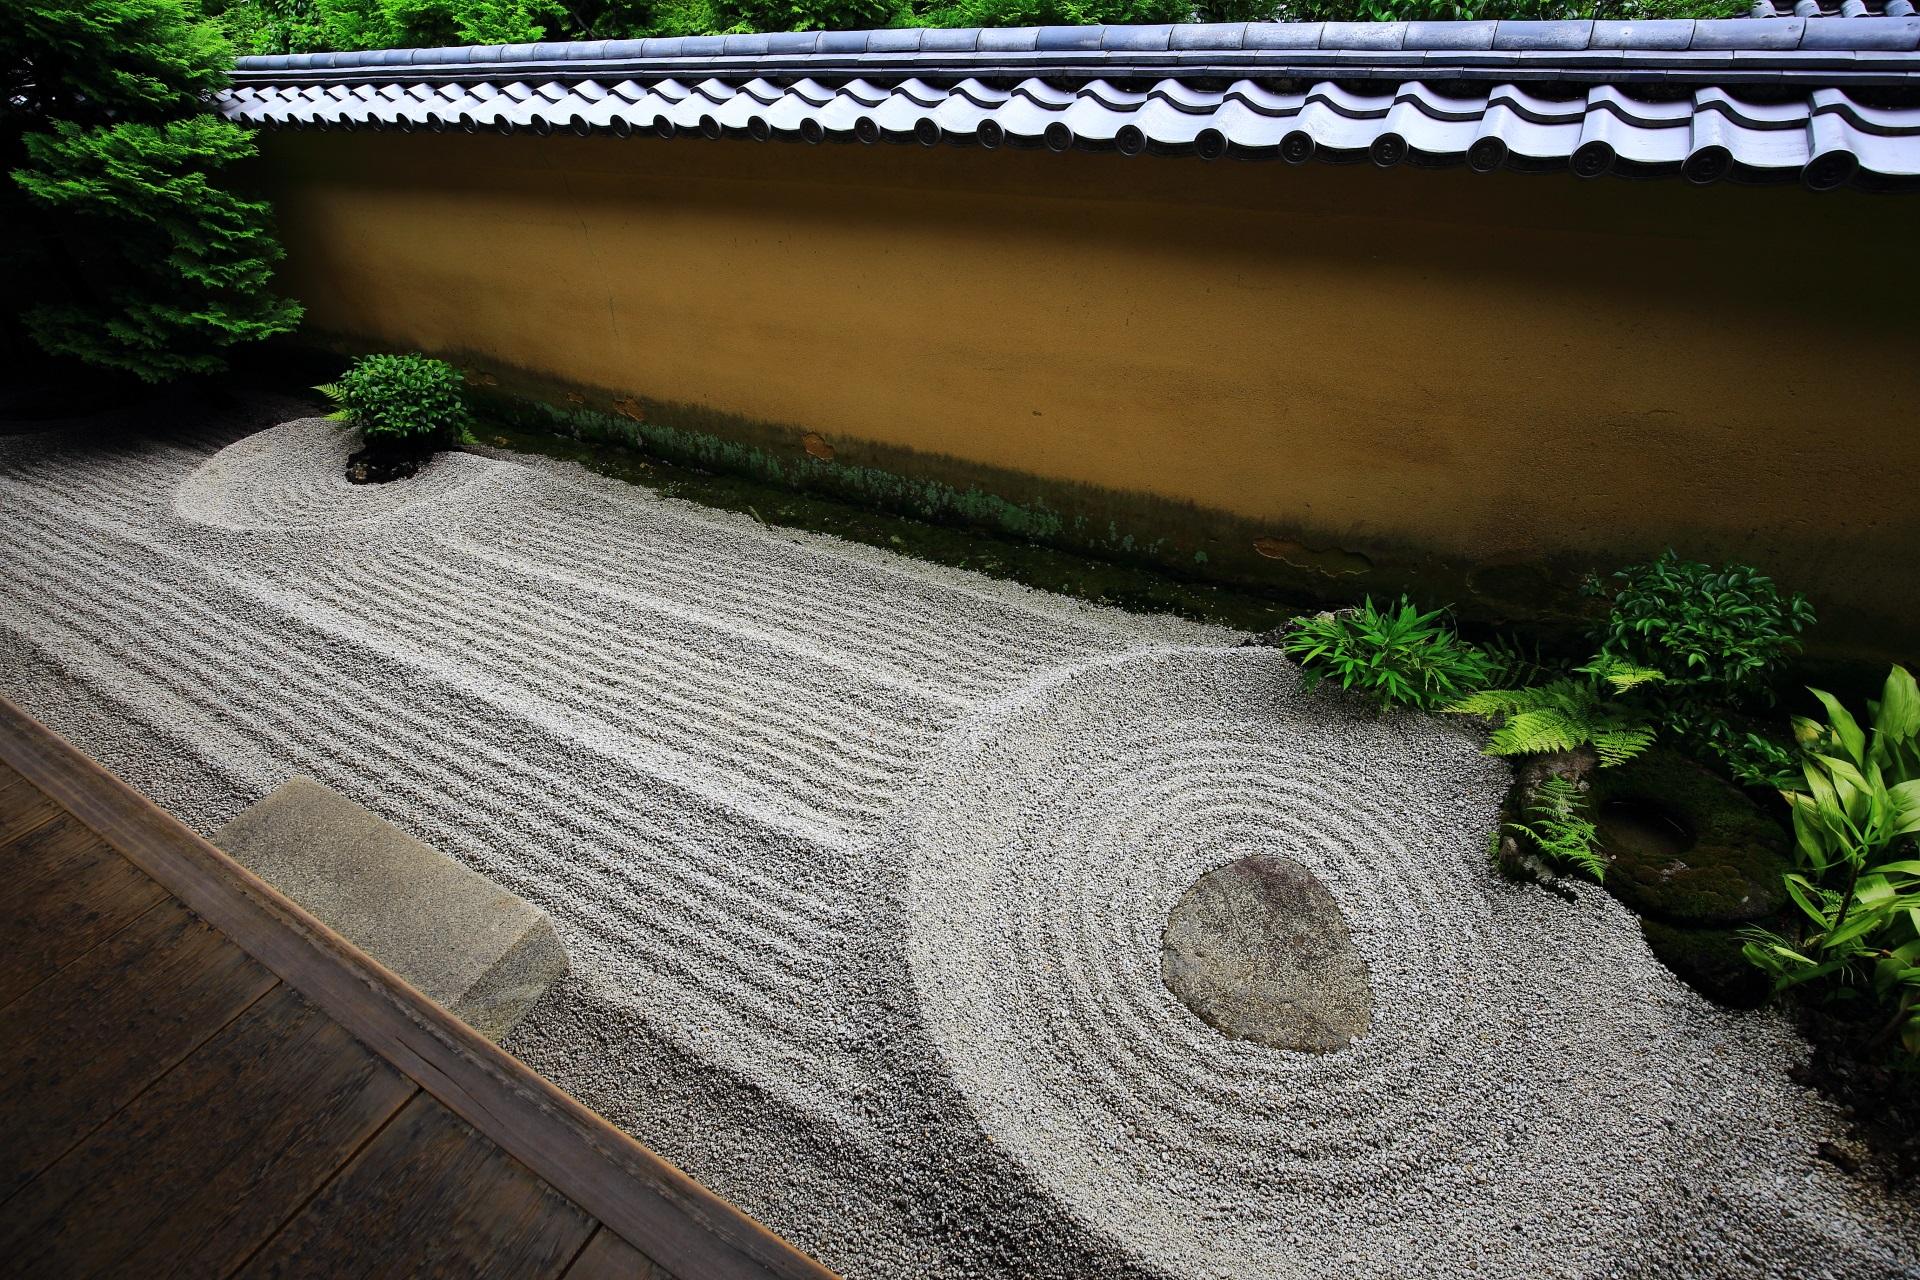 軒先にある小さいながらも奥深い石庭の龍源院の滹沱底(こだてい)